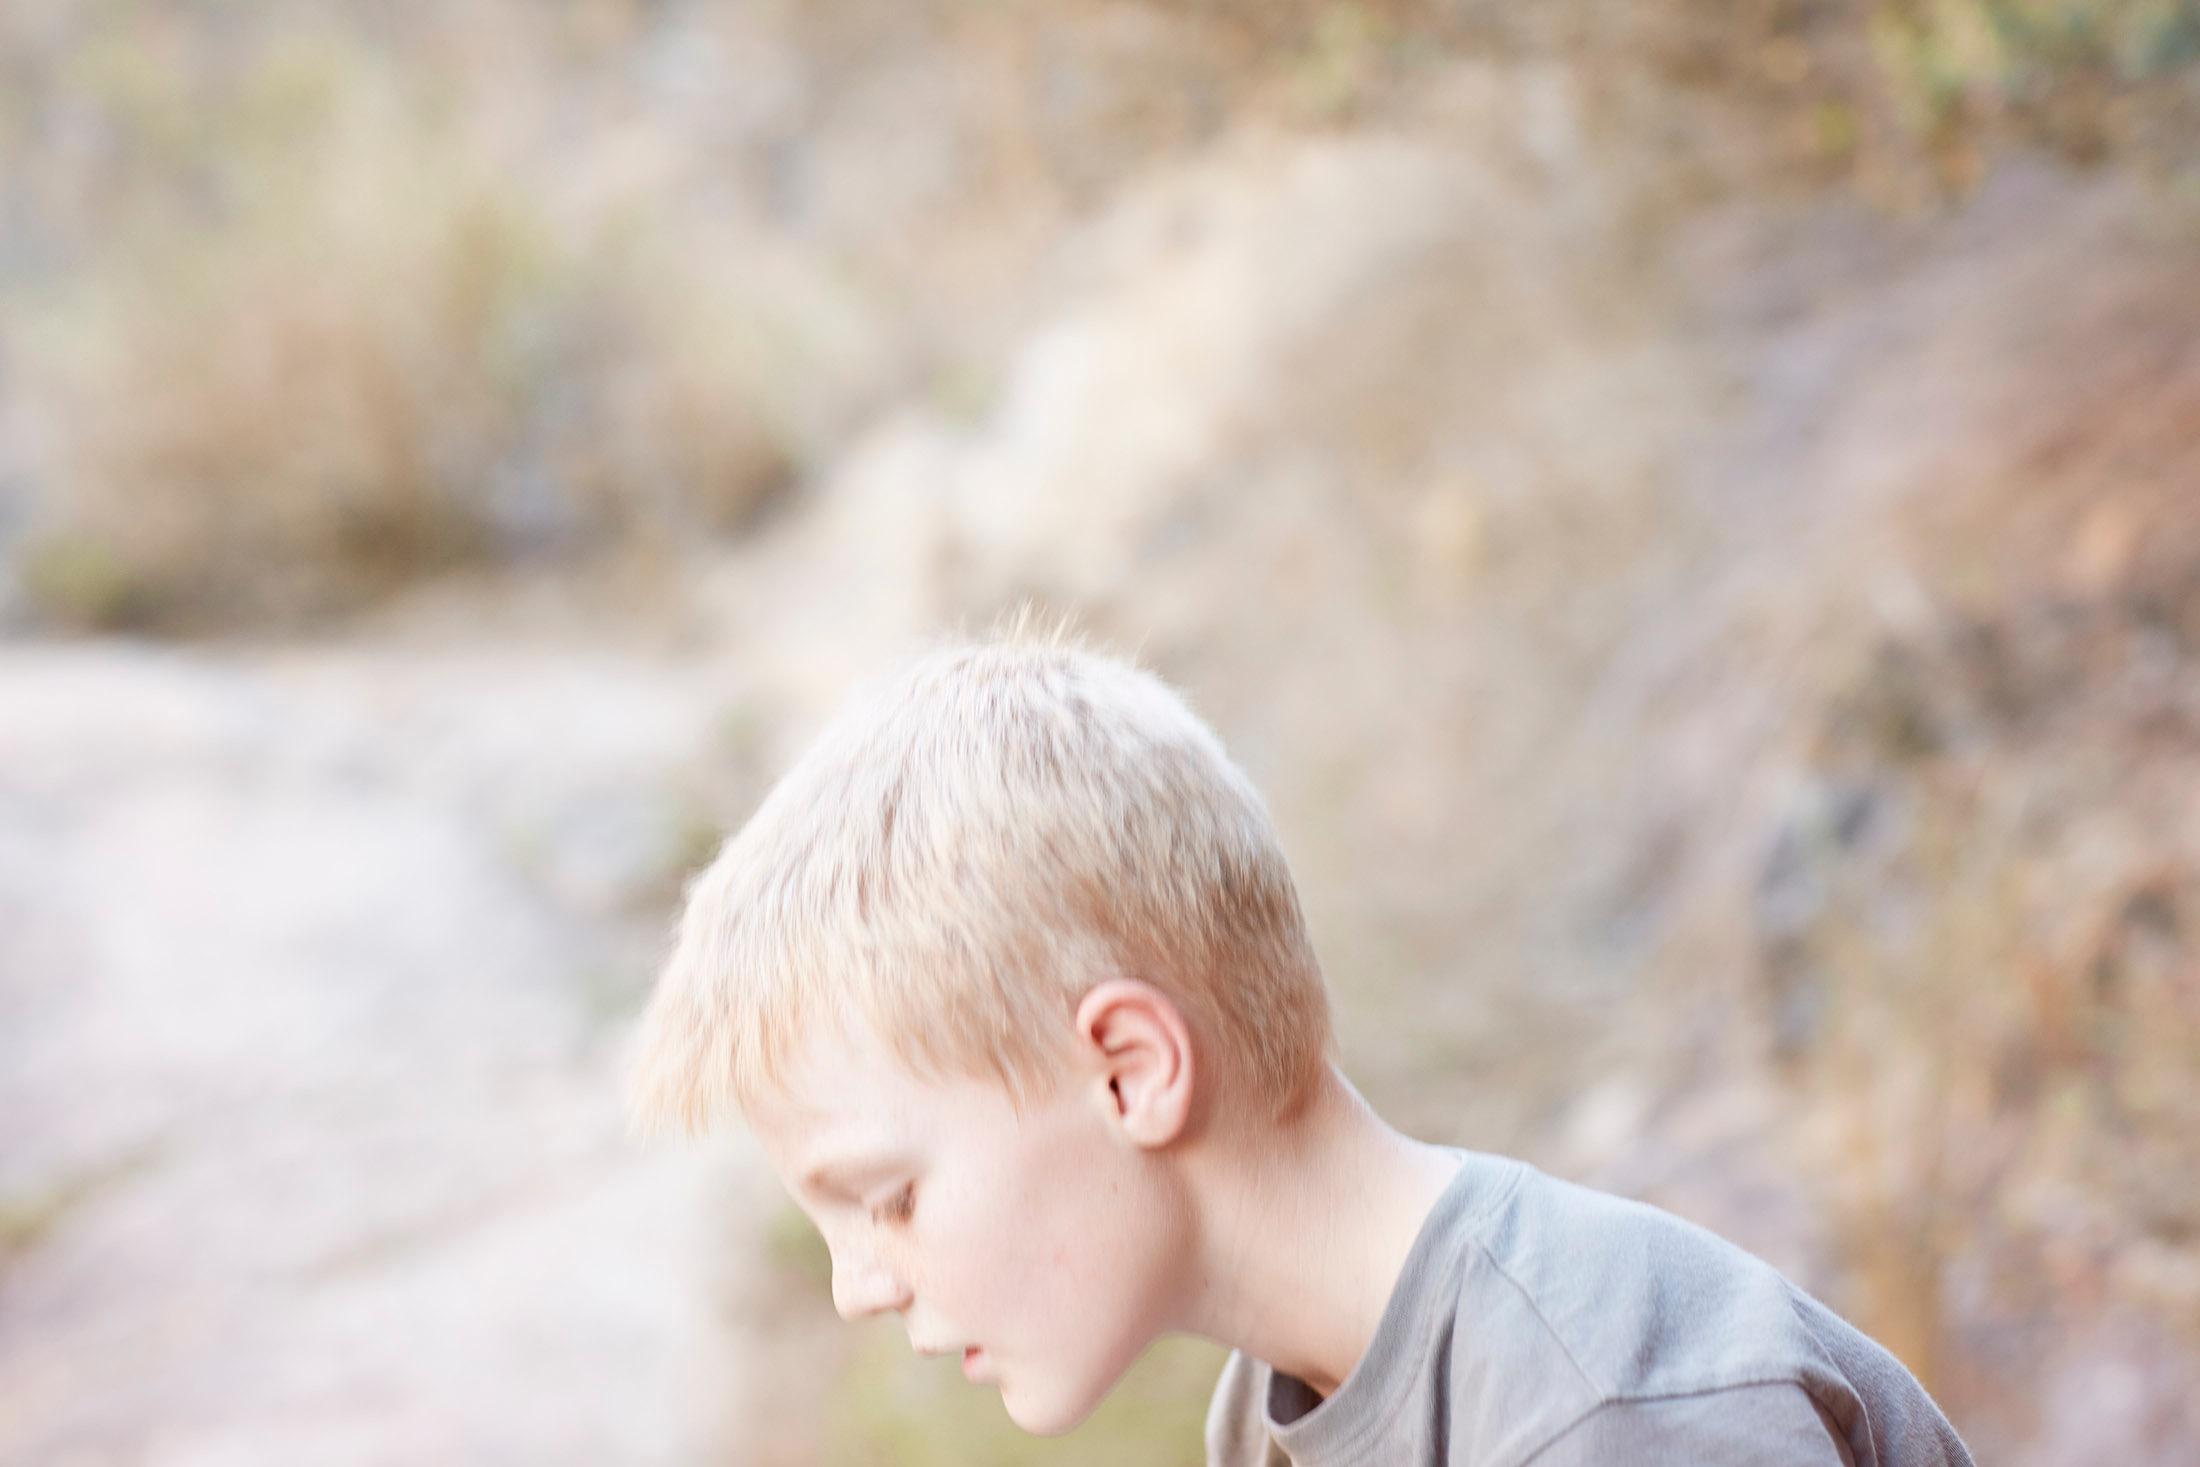 photo photography photographer kid child children boy blond head